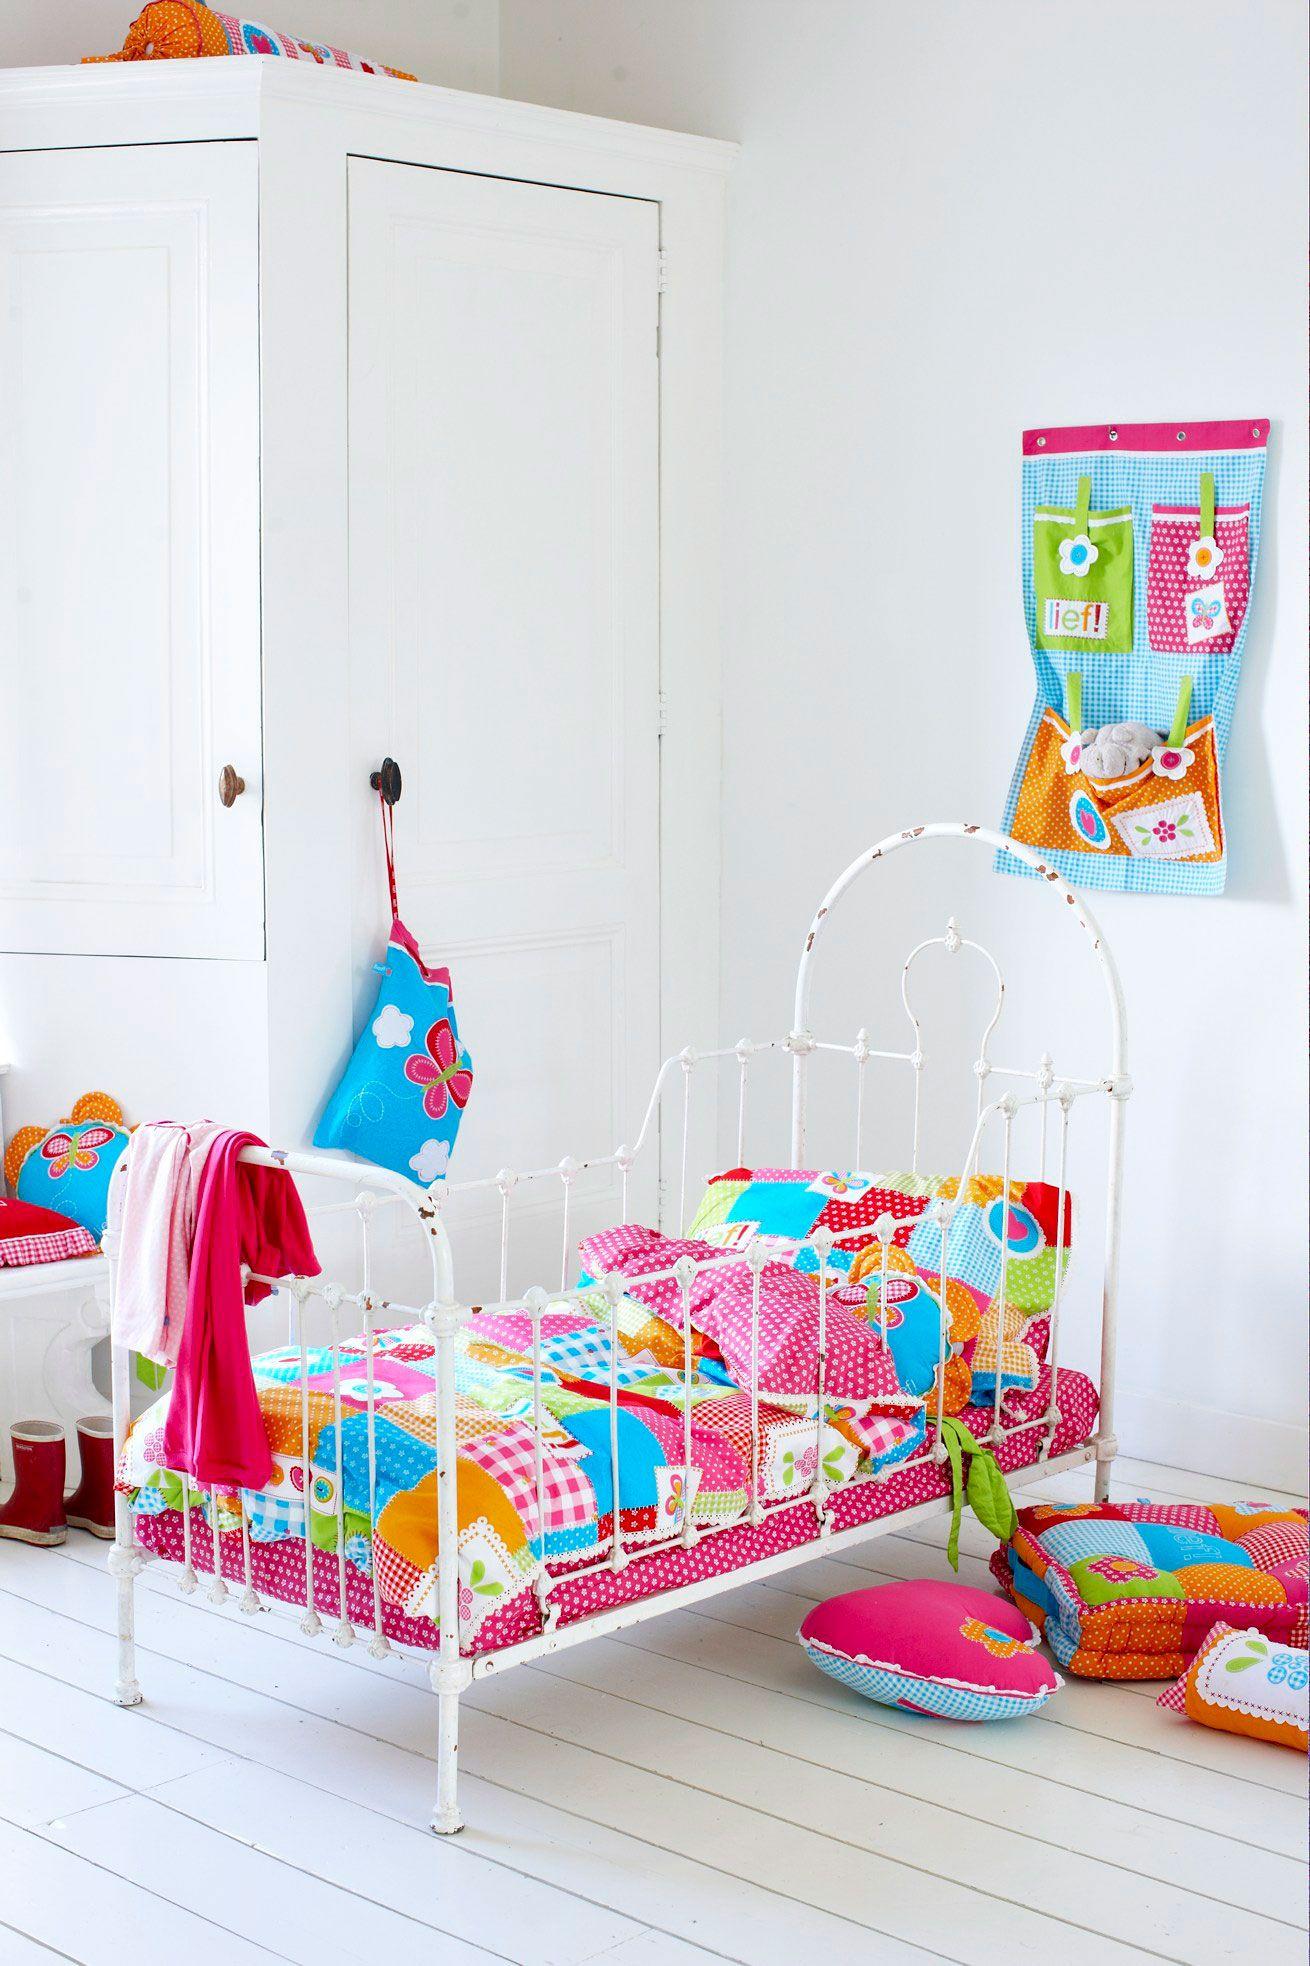 lief lifestyle bed textiles www.lieflifestyle.nl   Kids interior ...